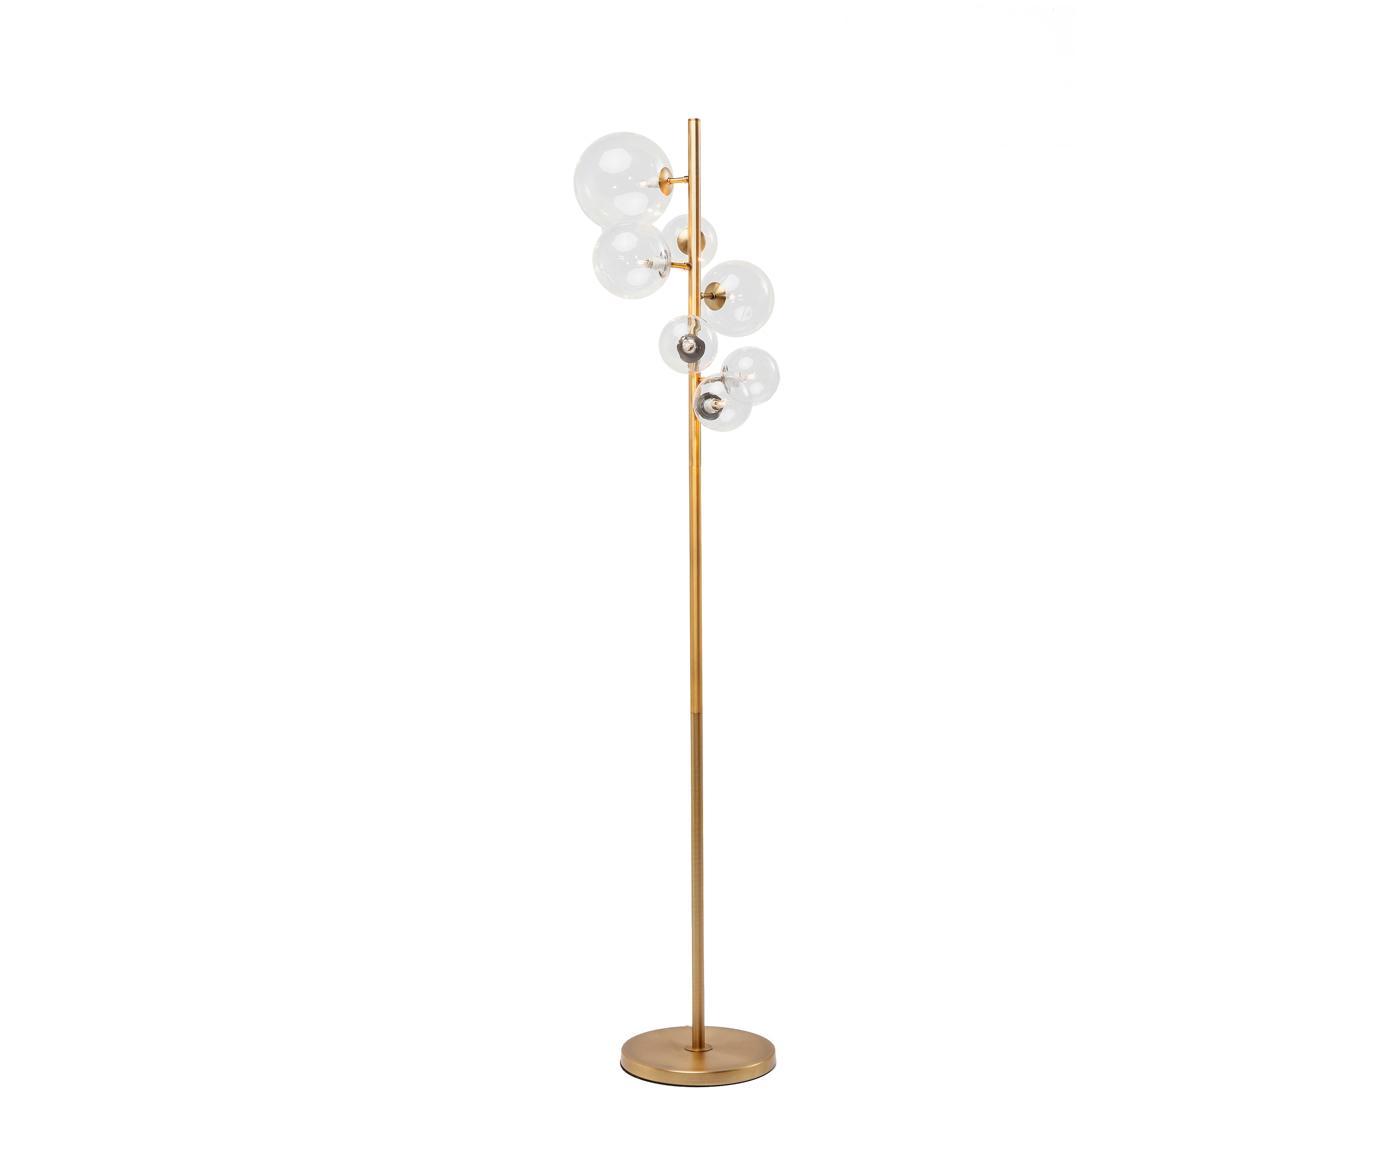 Lampada da terra Bello Sette, Paralume: vetro, Base della lampada: acciaio ottonato, Paralume: trasparente Attacchi: bianco Base della lampada: ottone, Larg. 42 x Alt. 162 cm